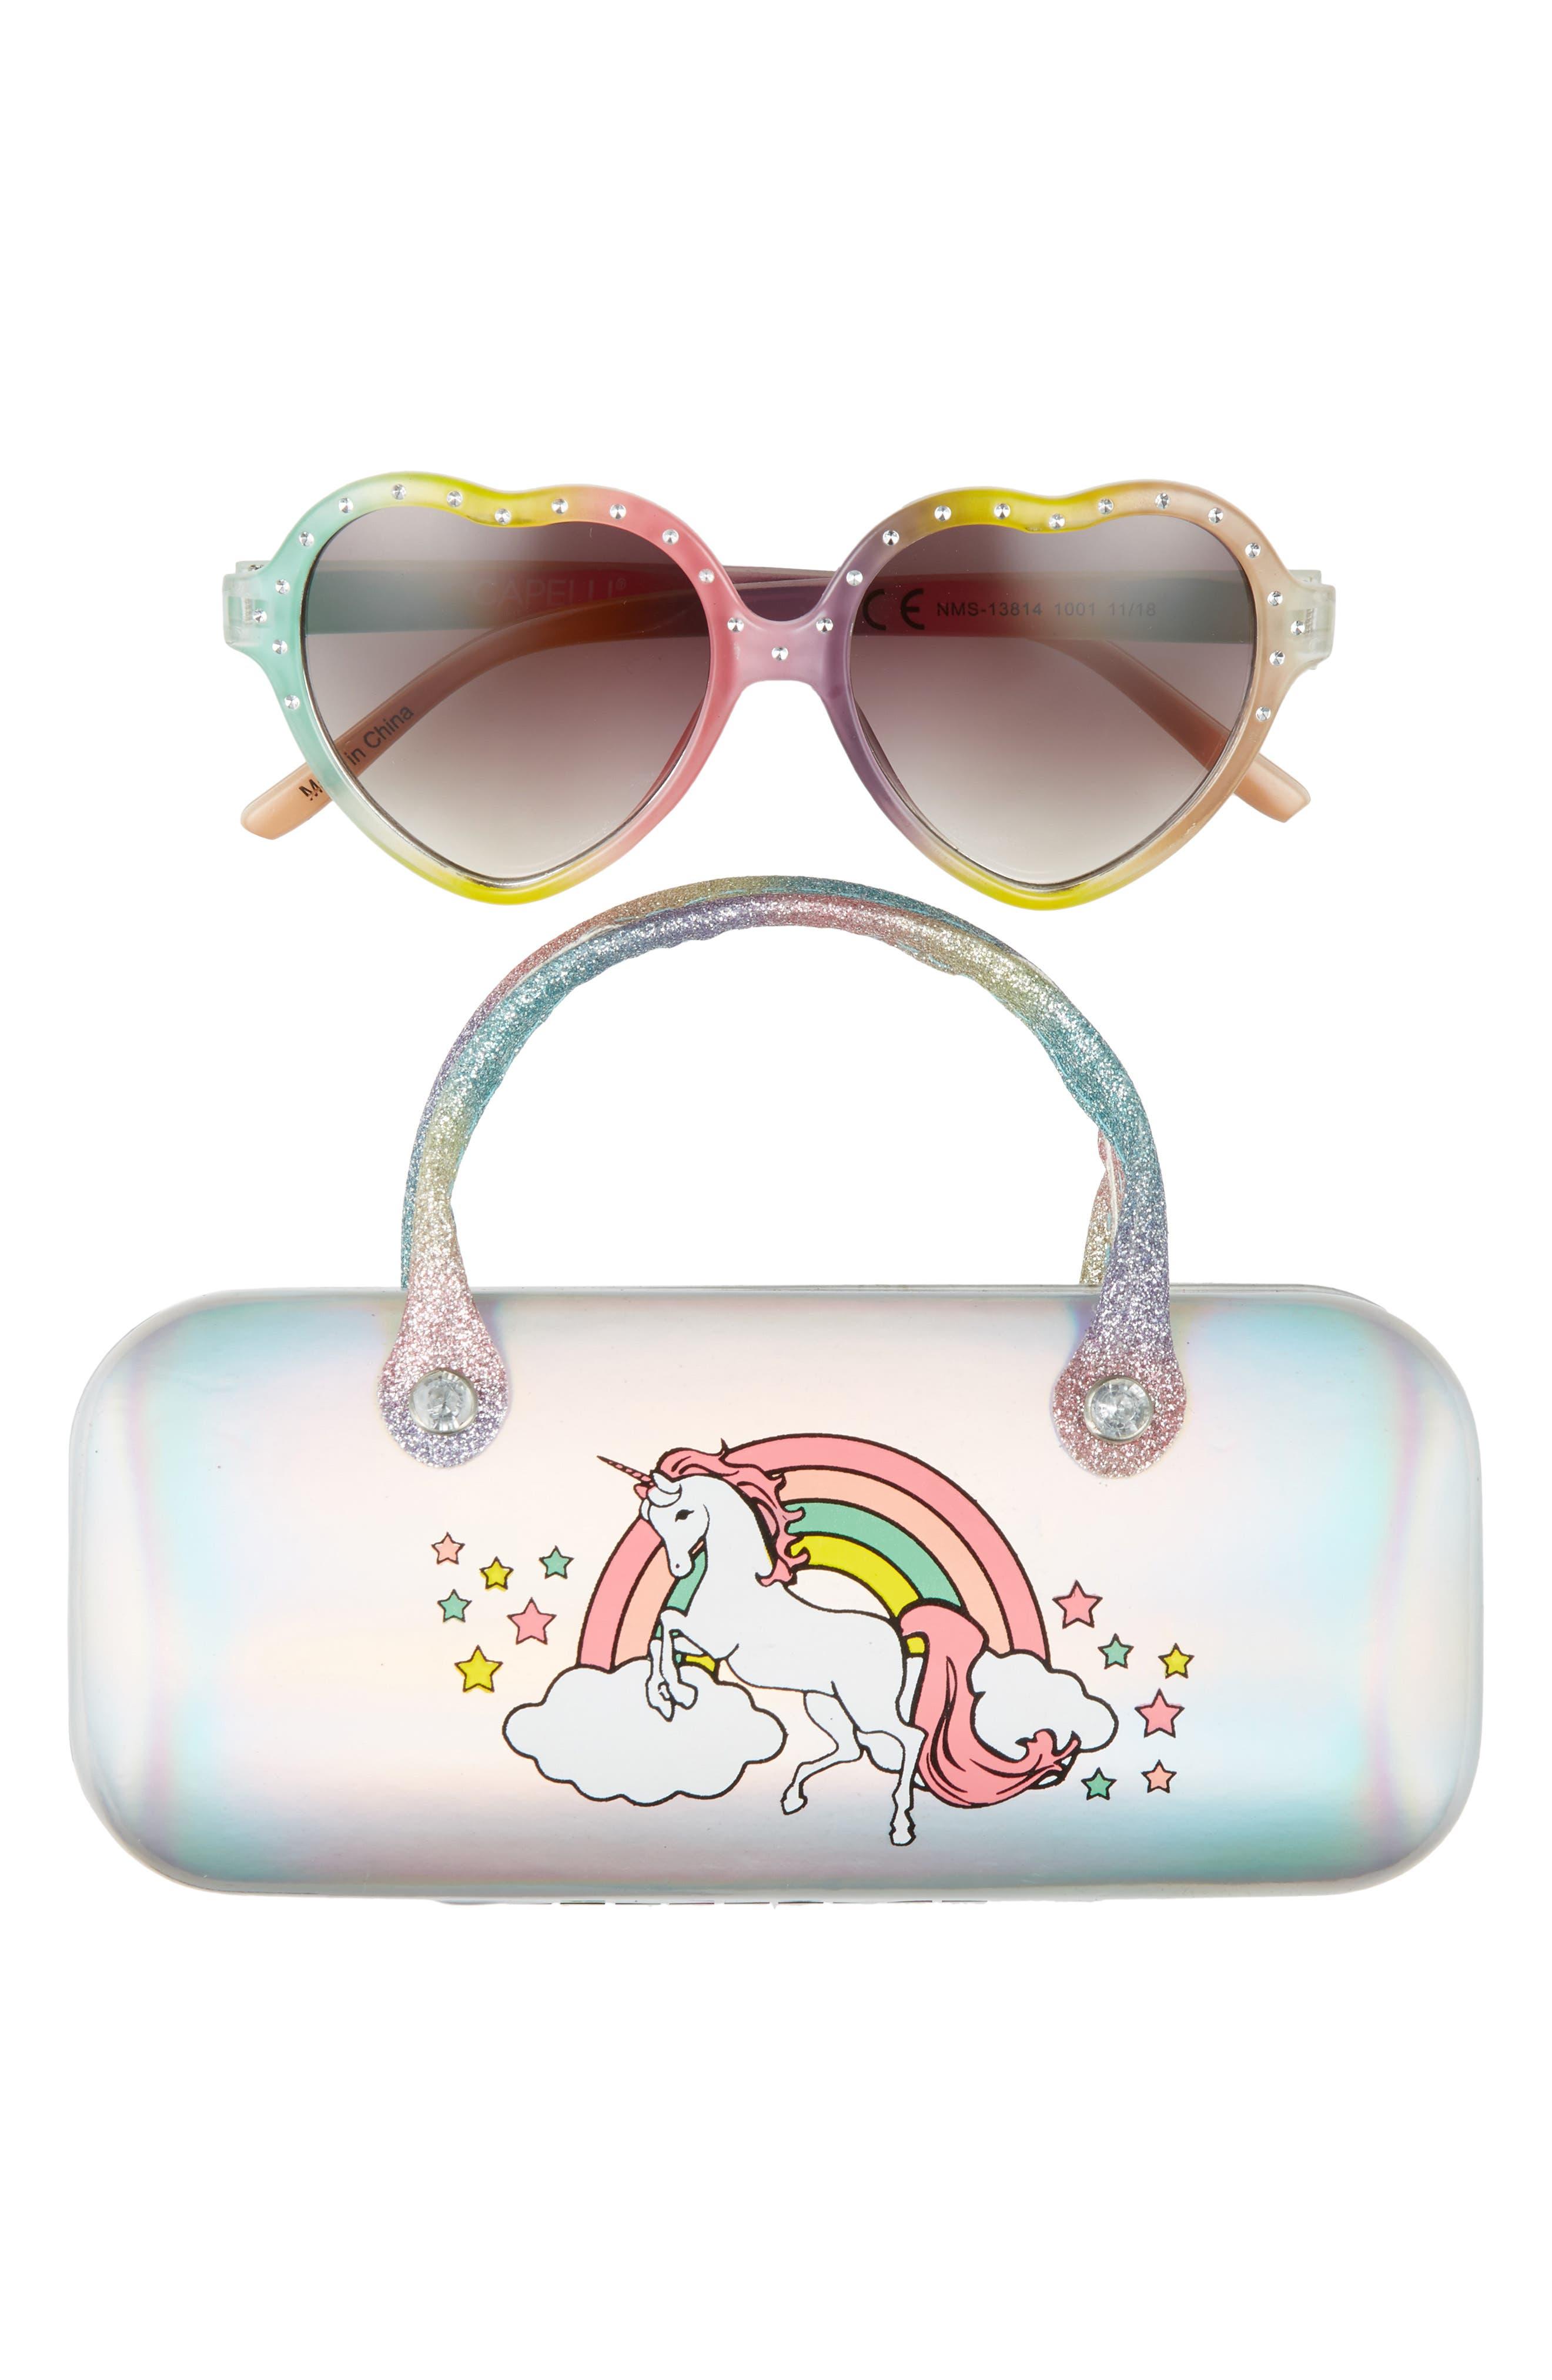 CAPELLI NEW YORK 49mm Heart Sunglasses & Metallic Case Set, Main, color, MULTI COMBO